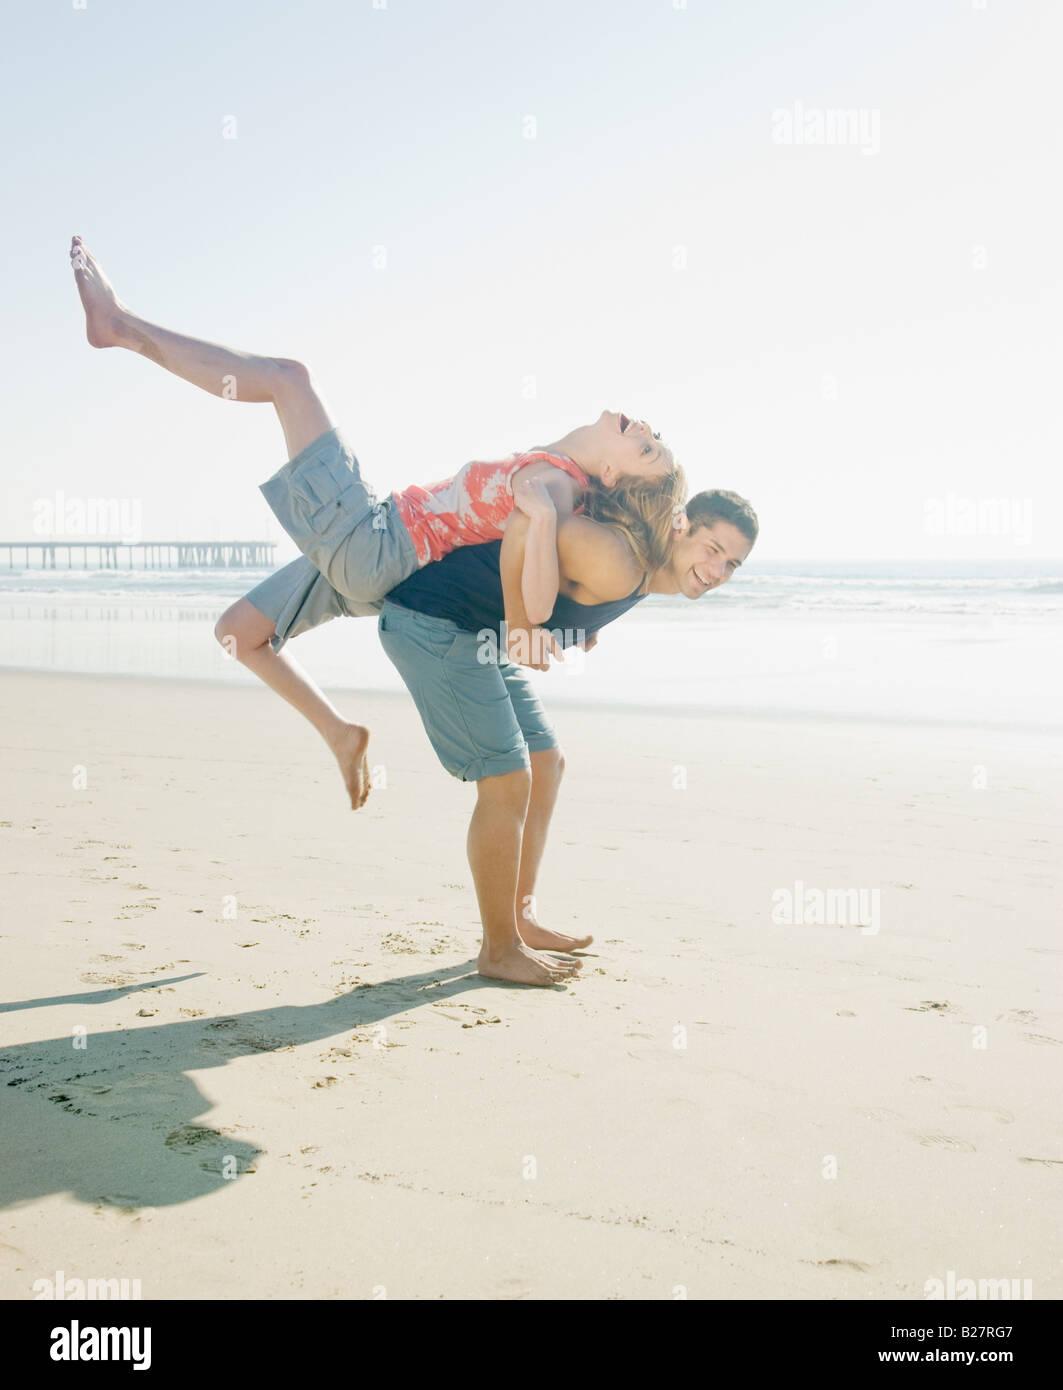 Paar am Strand Herumspielen Stockbild